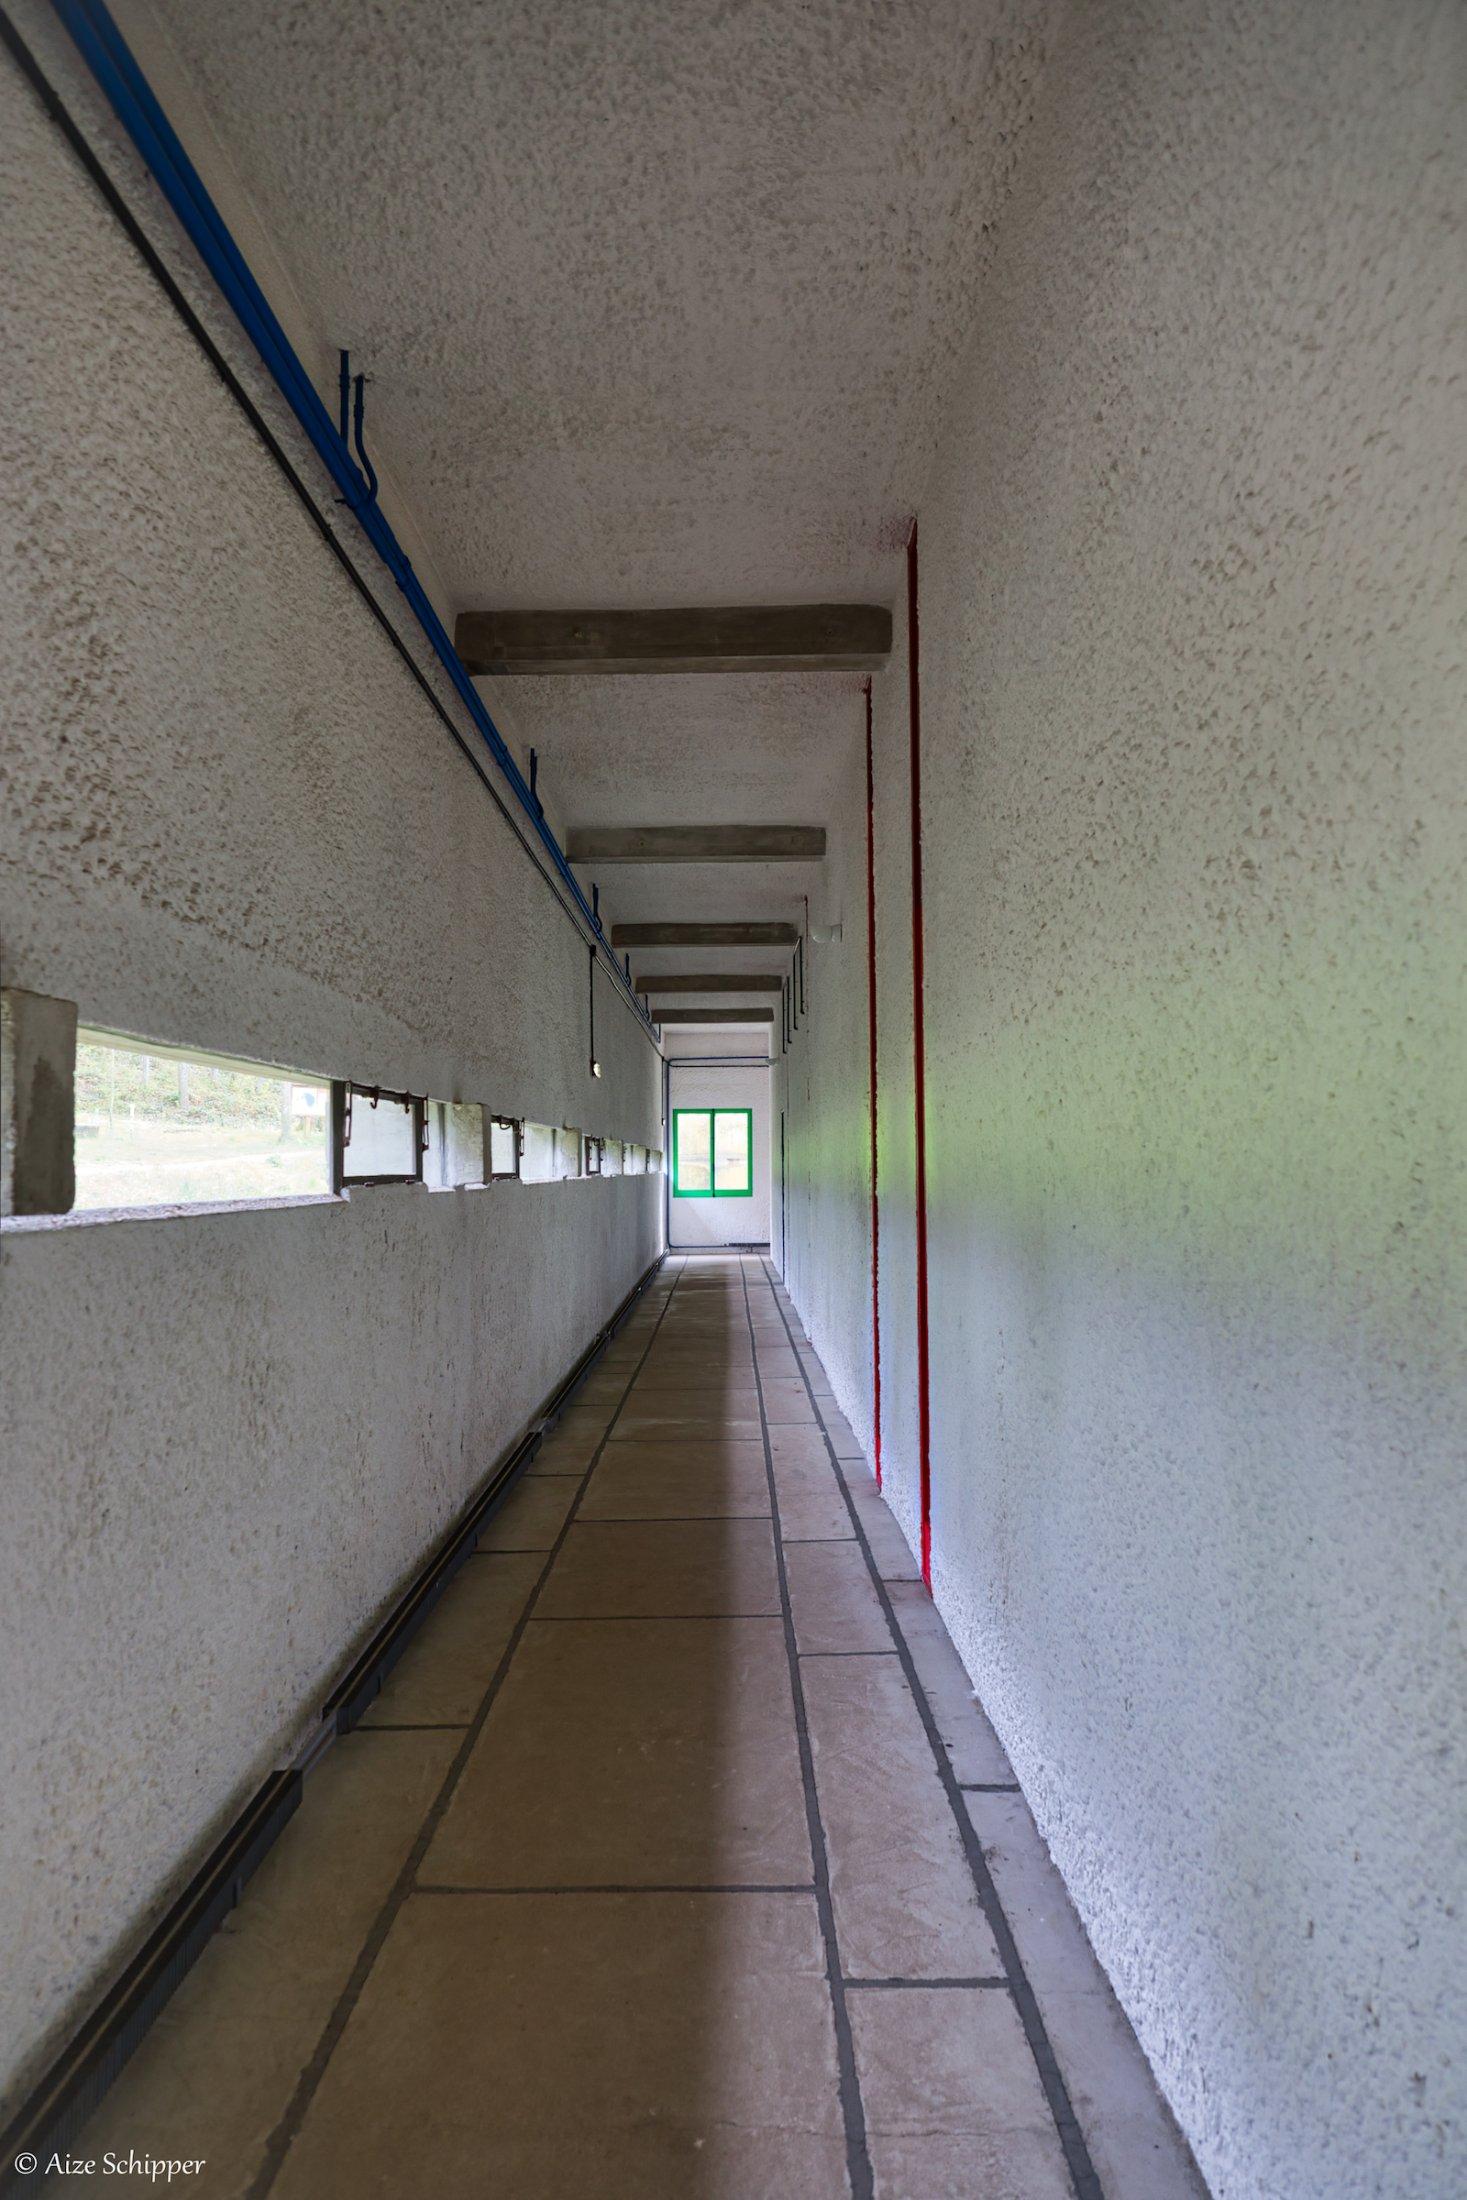 le Corbusier's la Tourette